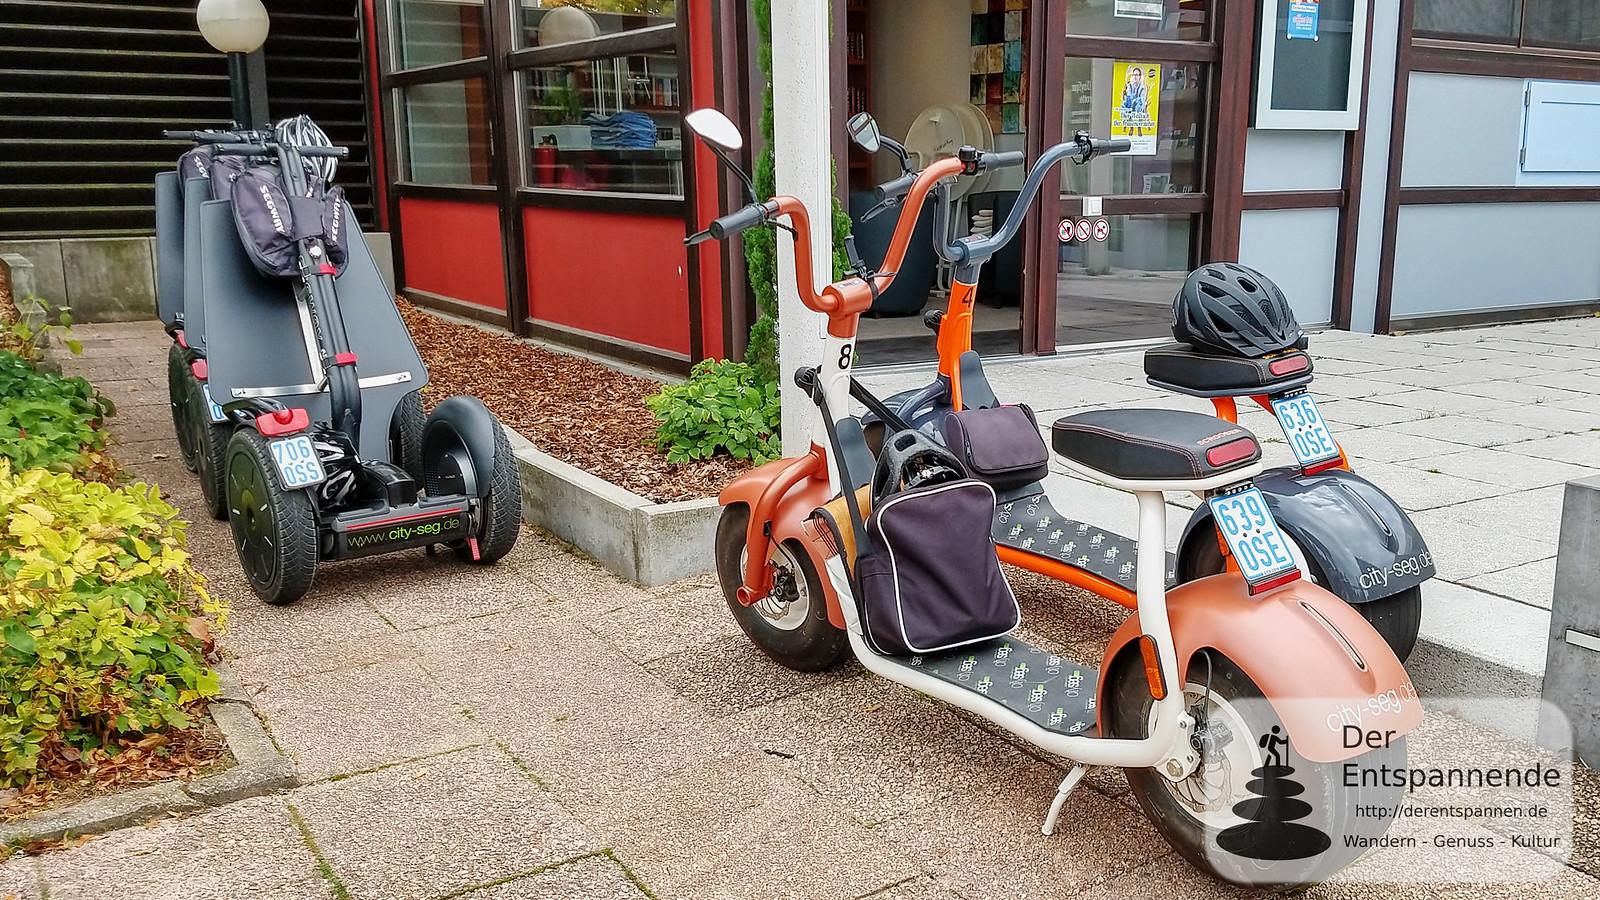 Segway-Tour mit Cityseg: Segways und Scrooser